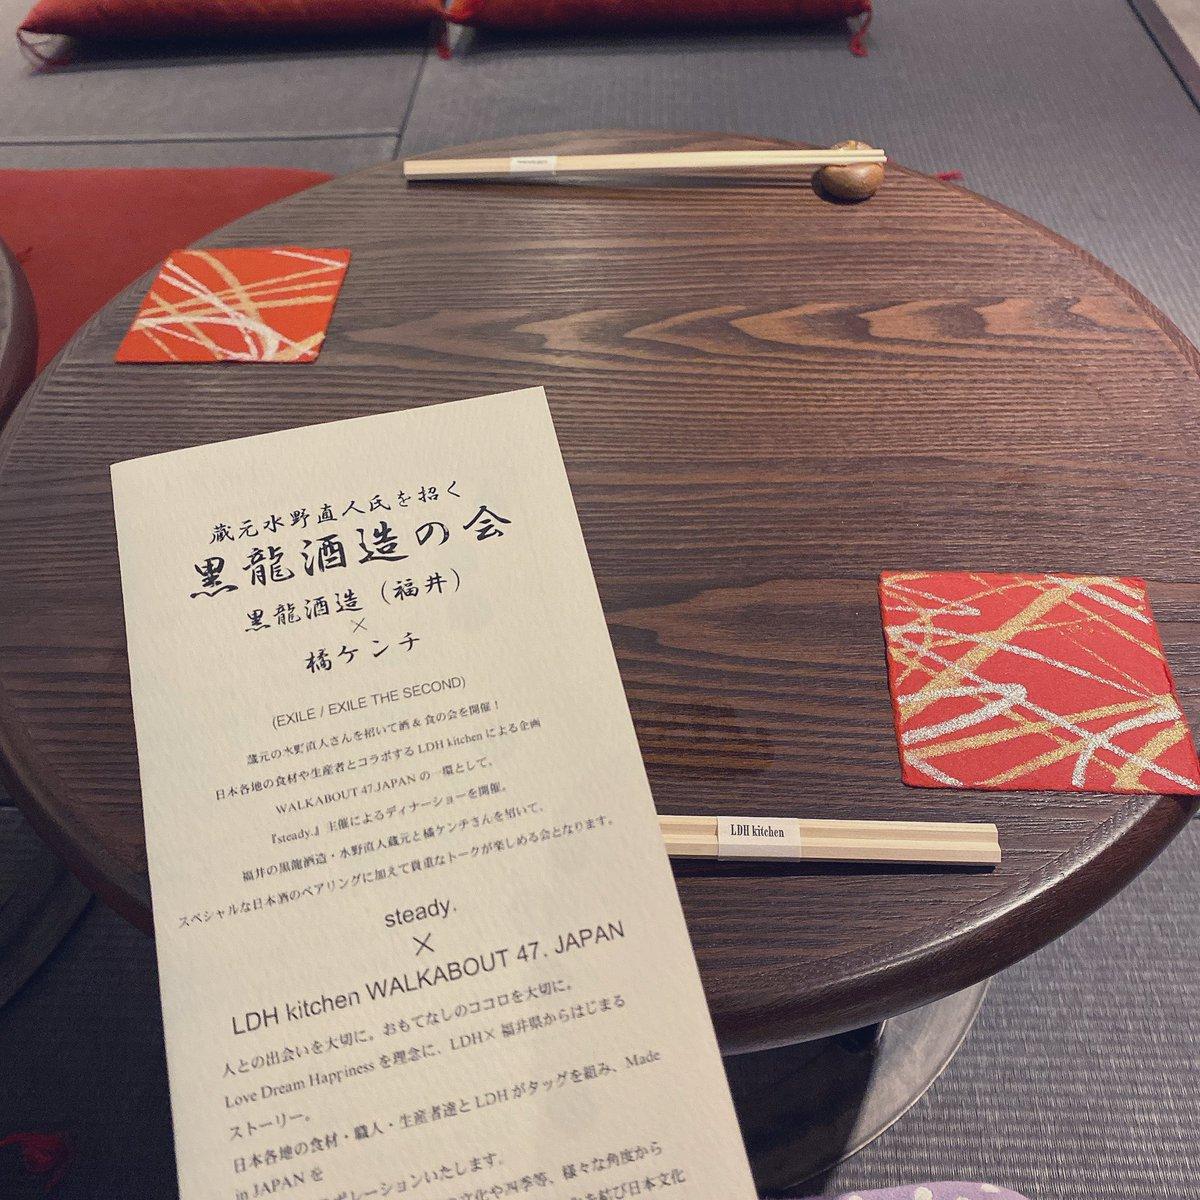 test ツイッターメディア - @kenchi_official ケンチさんお疲れ様です😌 去年の今日は雑誌steady.の企画の黒龍酒造の会に参加したのを思い出しました!(1年あっという間…🙄) コロナが落ち着いたら、また福井にも来てほしいですし、いつか黒龍さんとのコラボも…待ってます🥺 (この時の掲載のポラが当たったのもビックリでした😂) https://t.co/Hvd0GI3Mr4